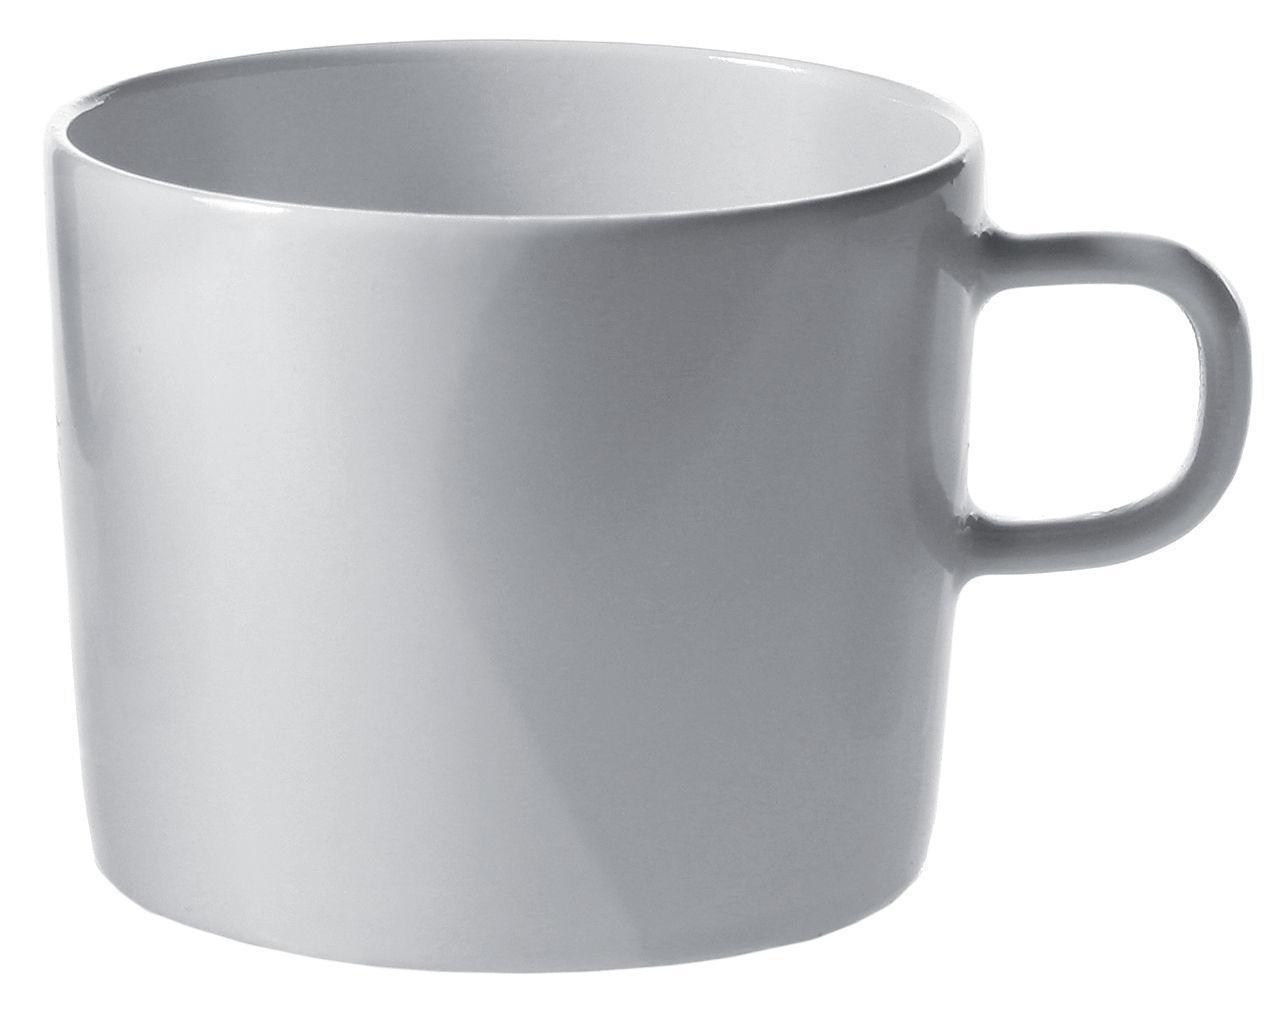 Tavola - Tazze e Boccali - Tazza da tè Platebowlcup di A di Alessi - Tazza bianca - Porcellana